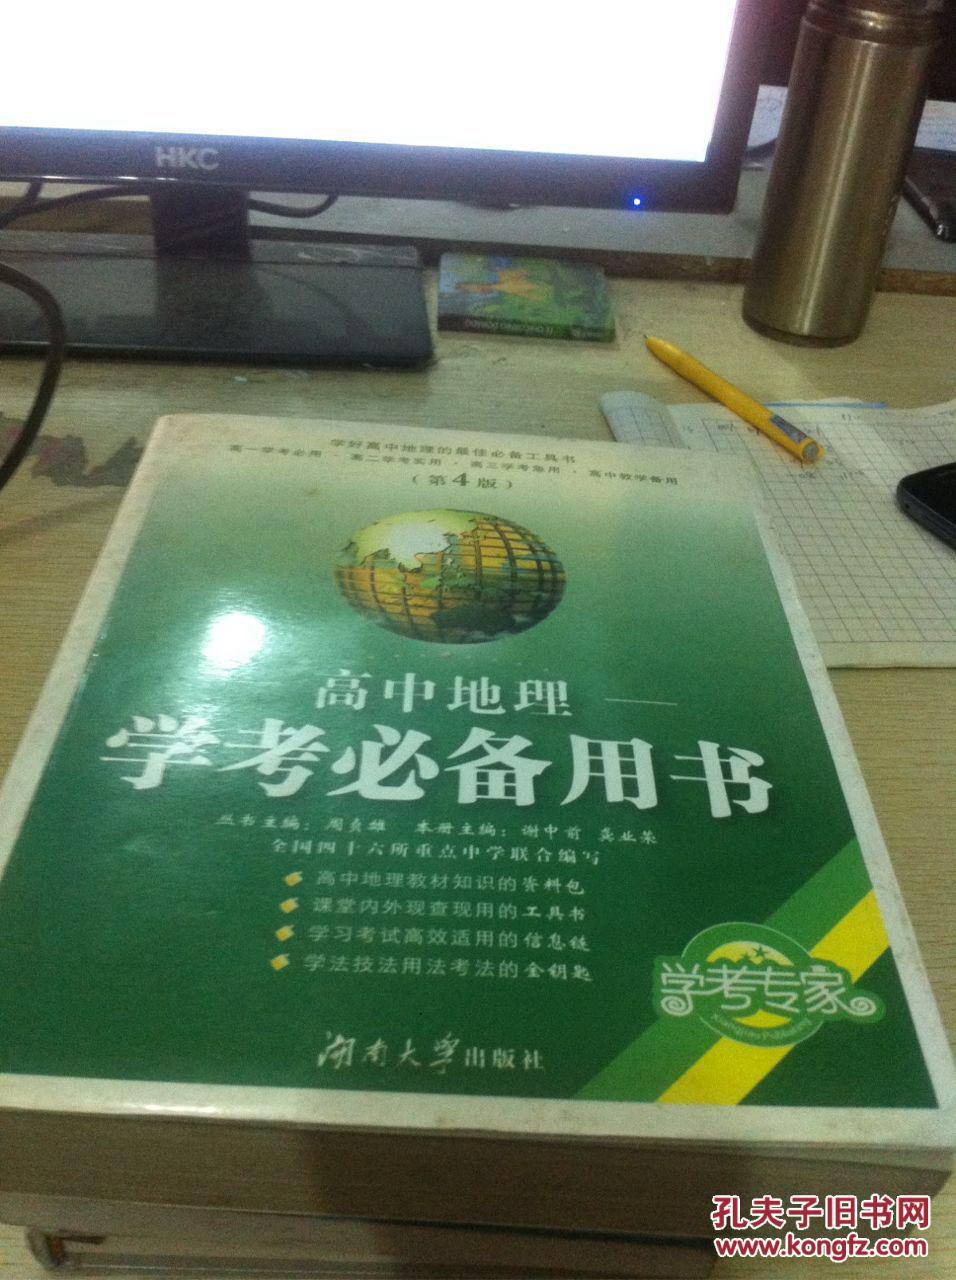 【图】高中地理学考必备用书 第四版_价格:10